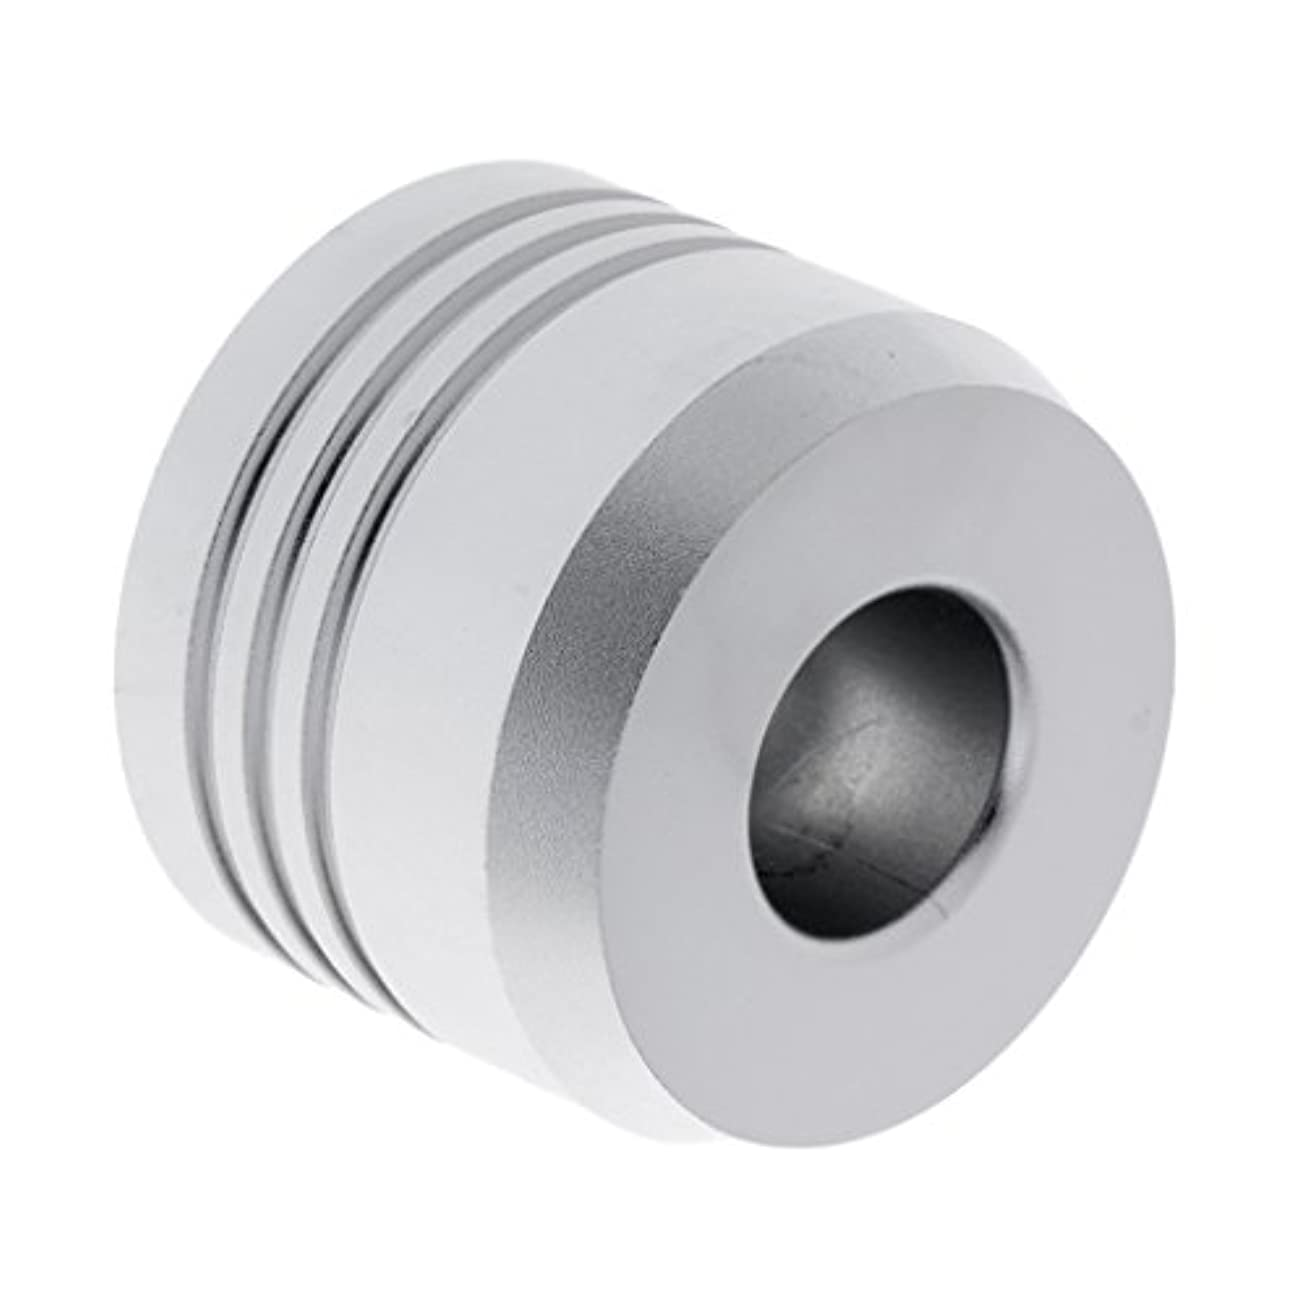 不可能な柔和剥離セーフティカミソリスタンド スタンド メンズ シェービング カミソリホルダー サポート 調節可能 シェーバーベース 2色選べ - 銀